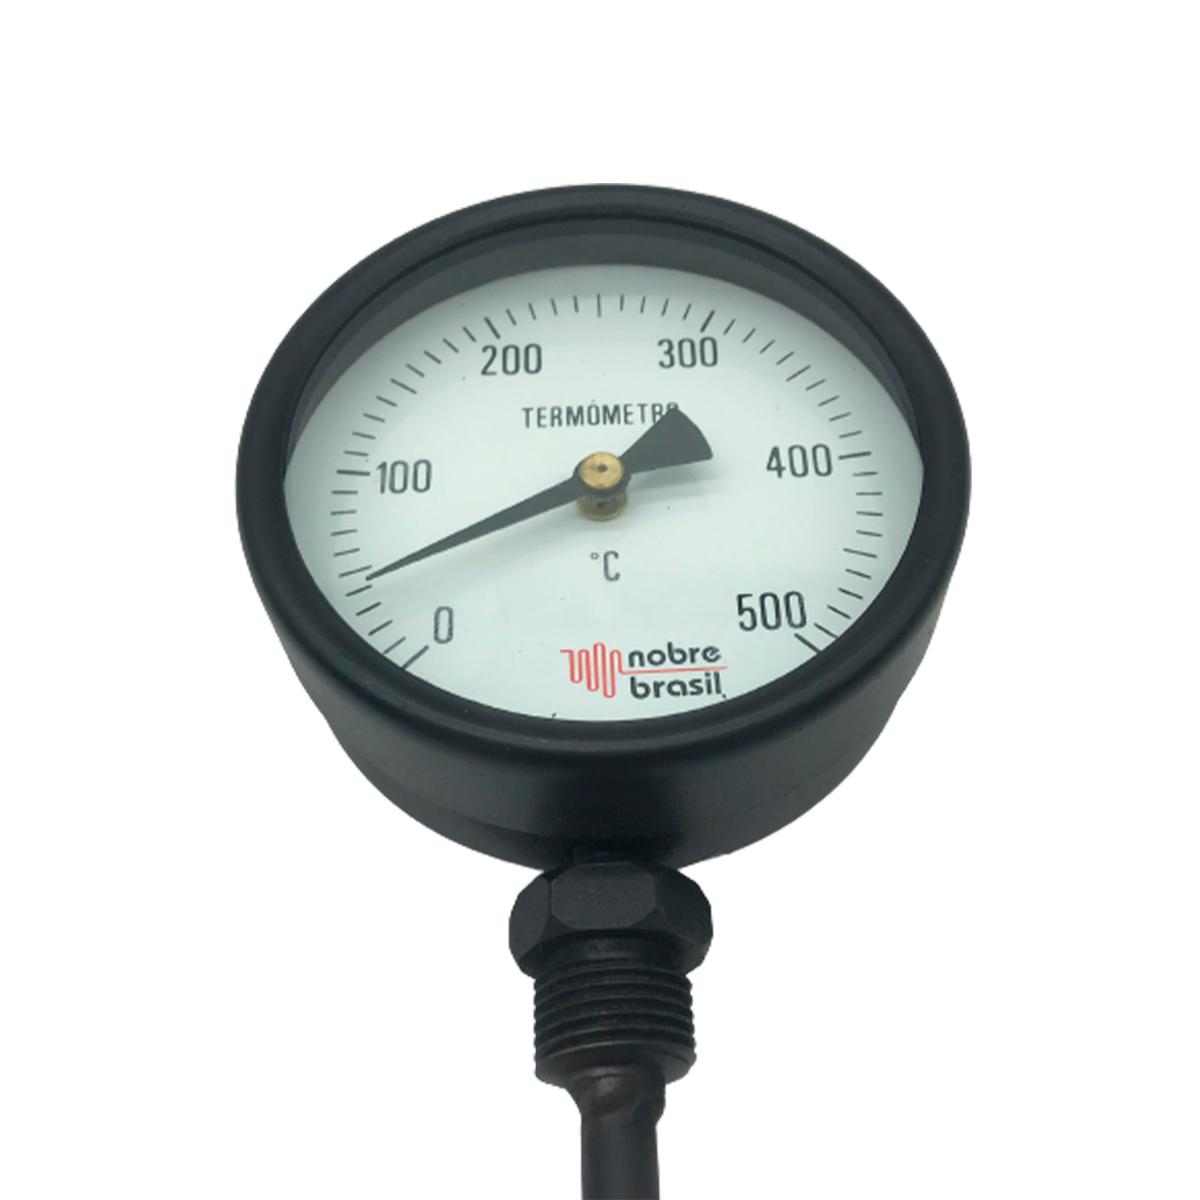 """Termometro Reto 4"""", H. 3/8""""X200mm, R. 1/2"""", Escala 0-500º"""